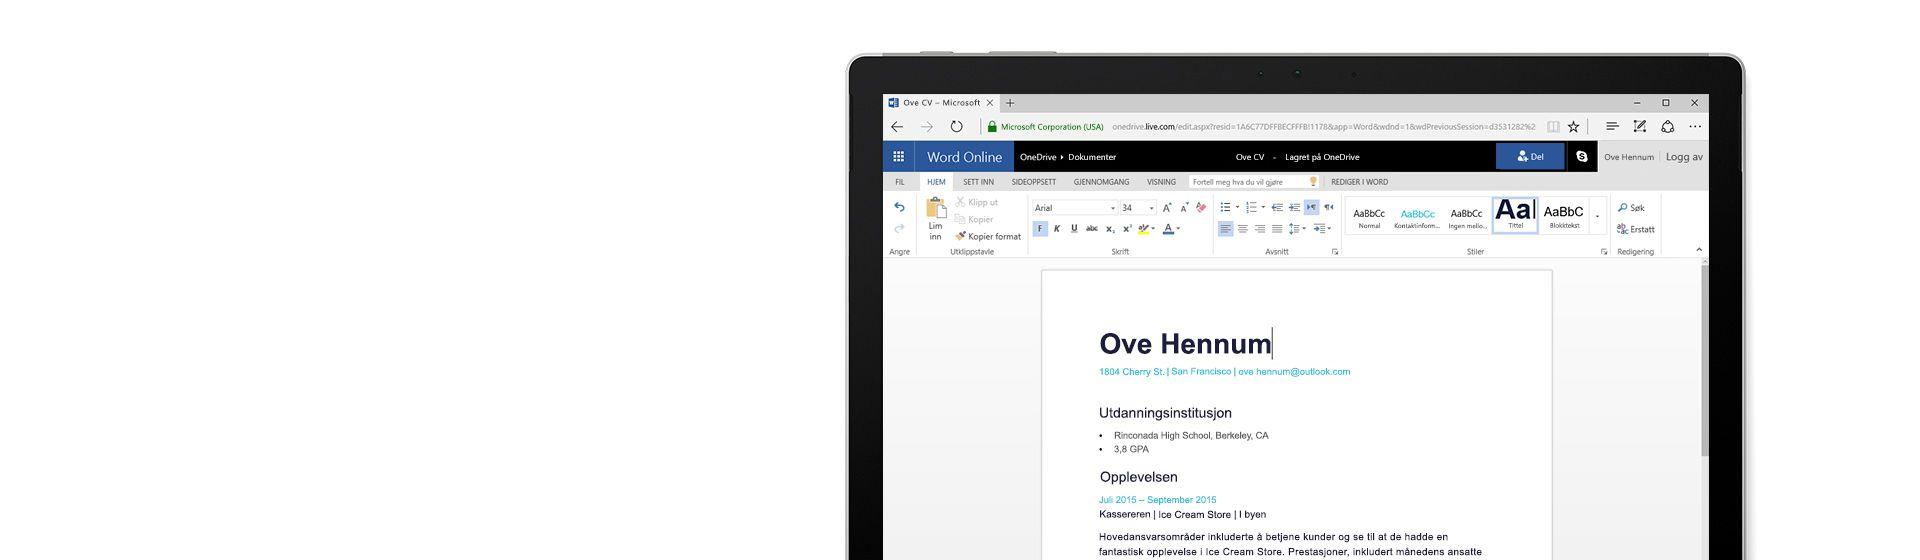 En dataskjerm som viser opprettelse av en CV i Word Online